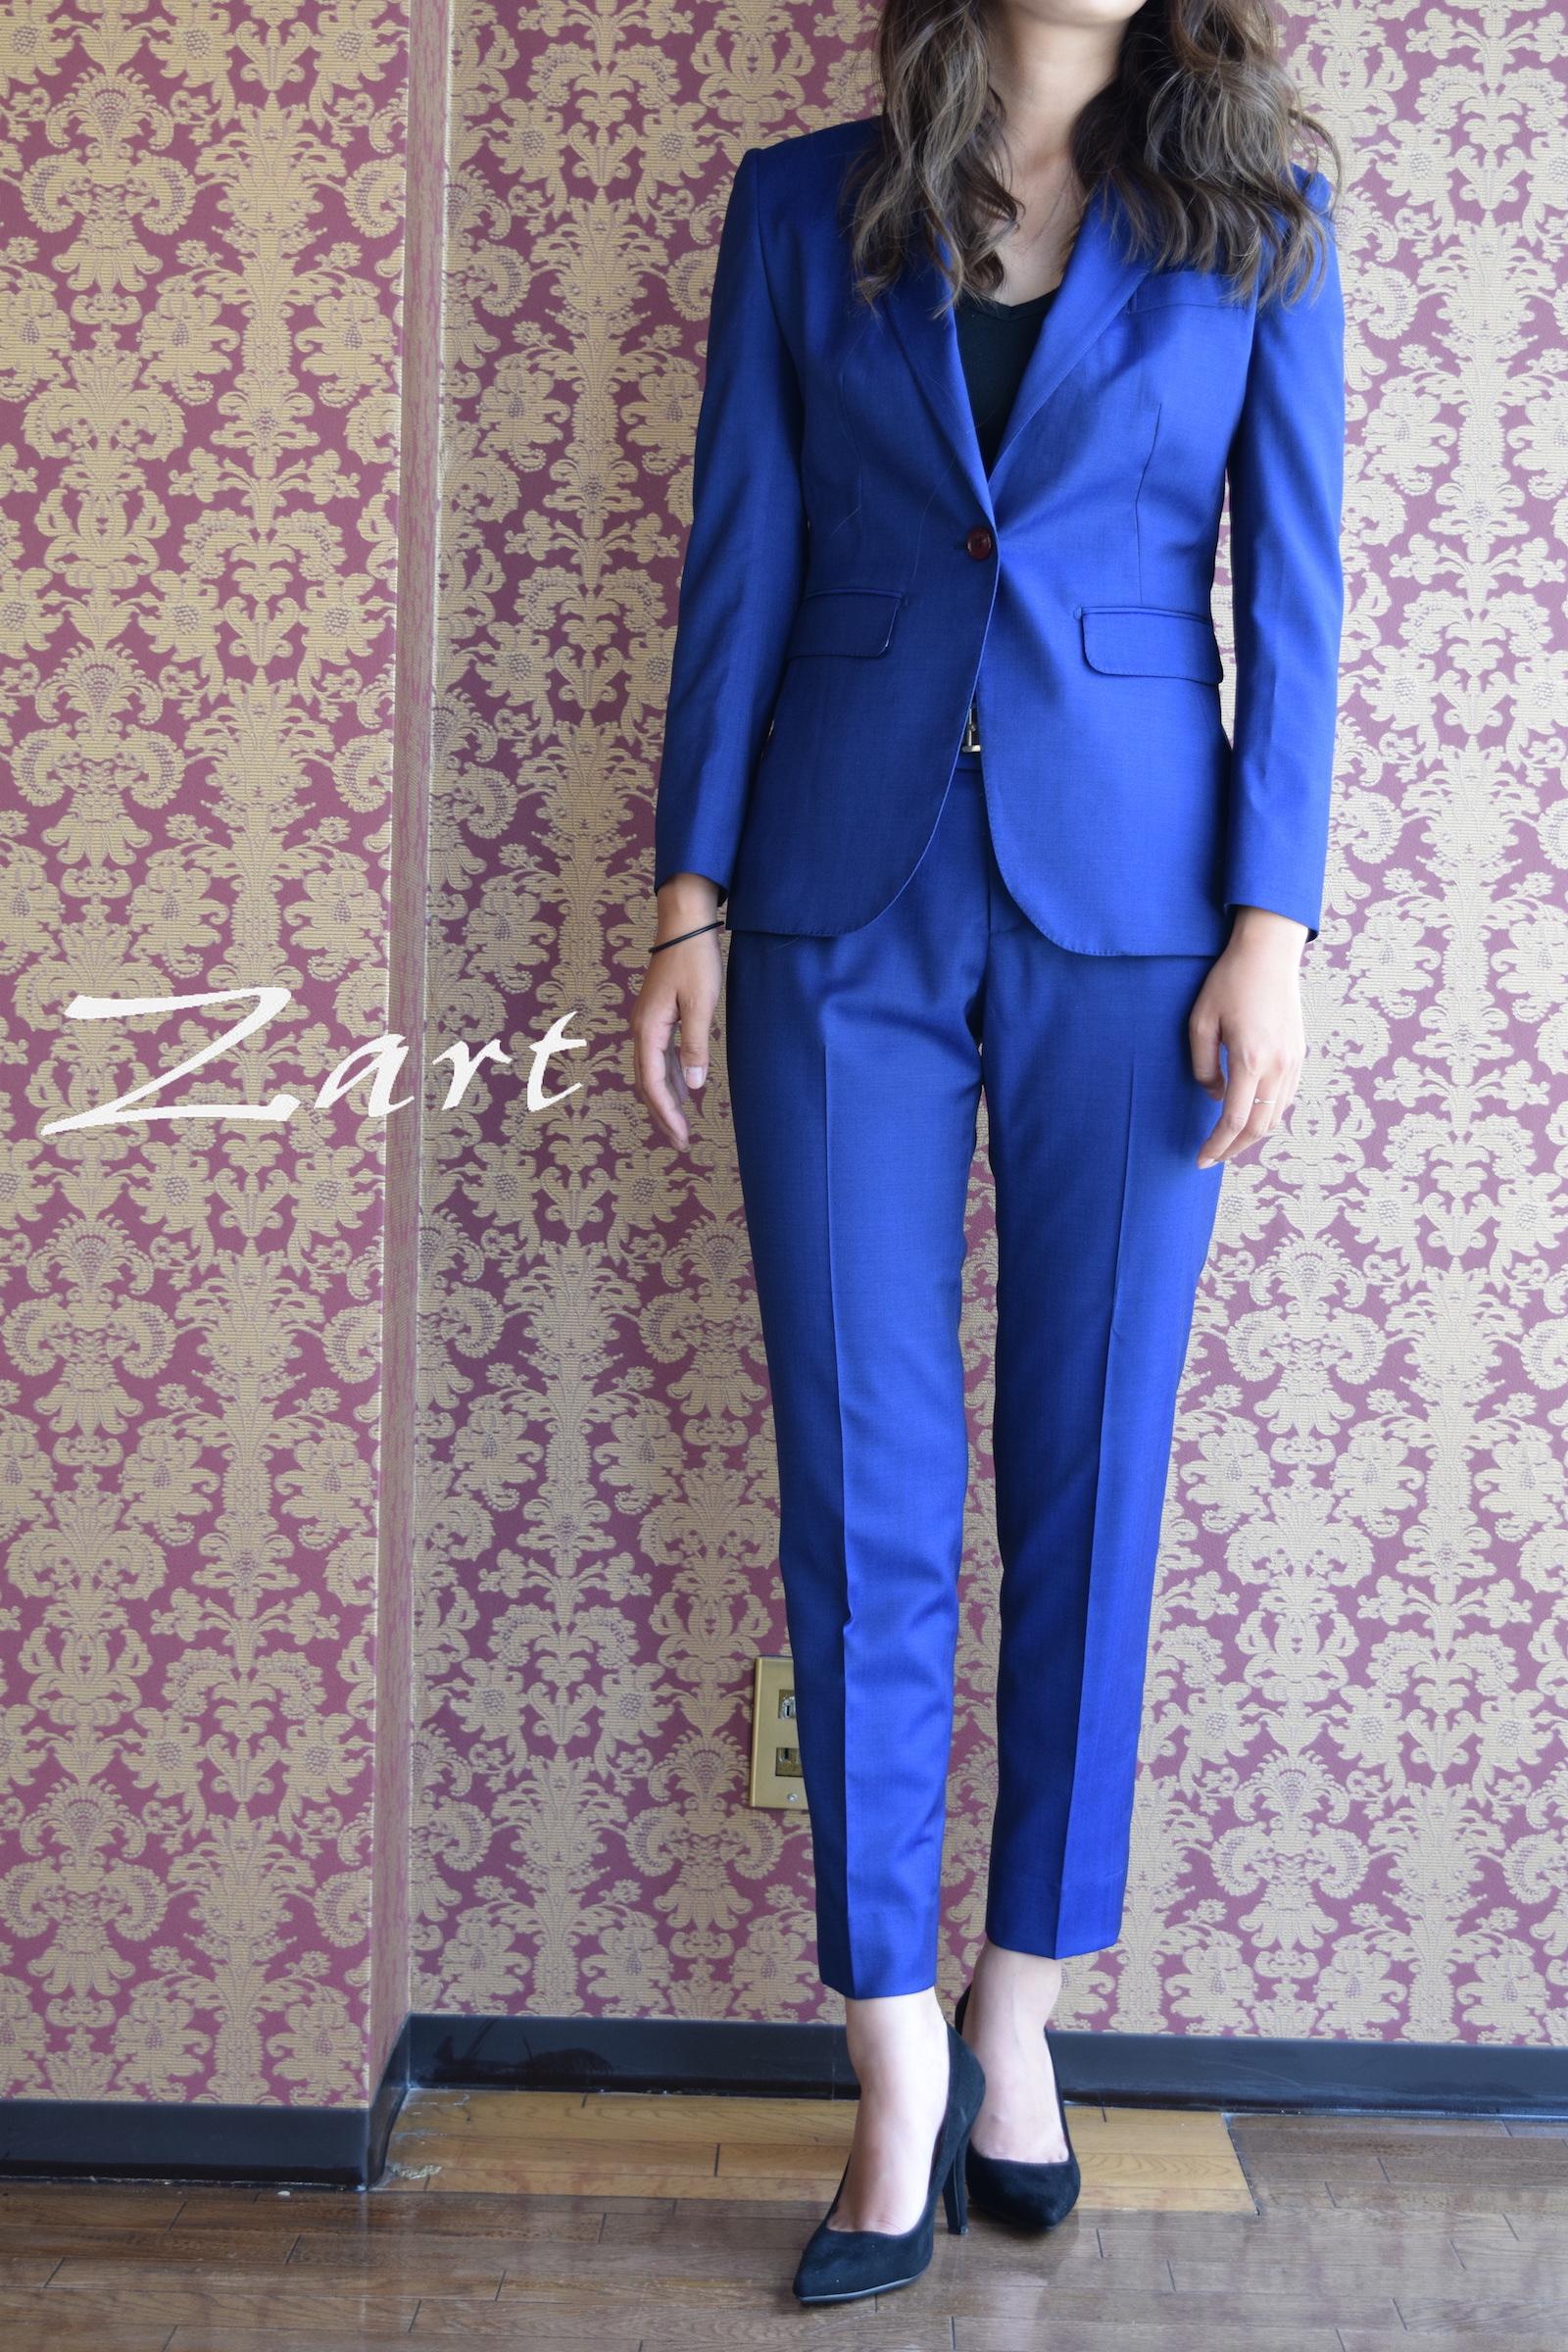 〜Beauty Pants Suits〜